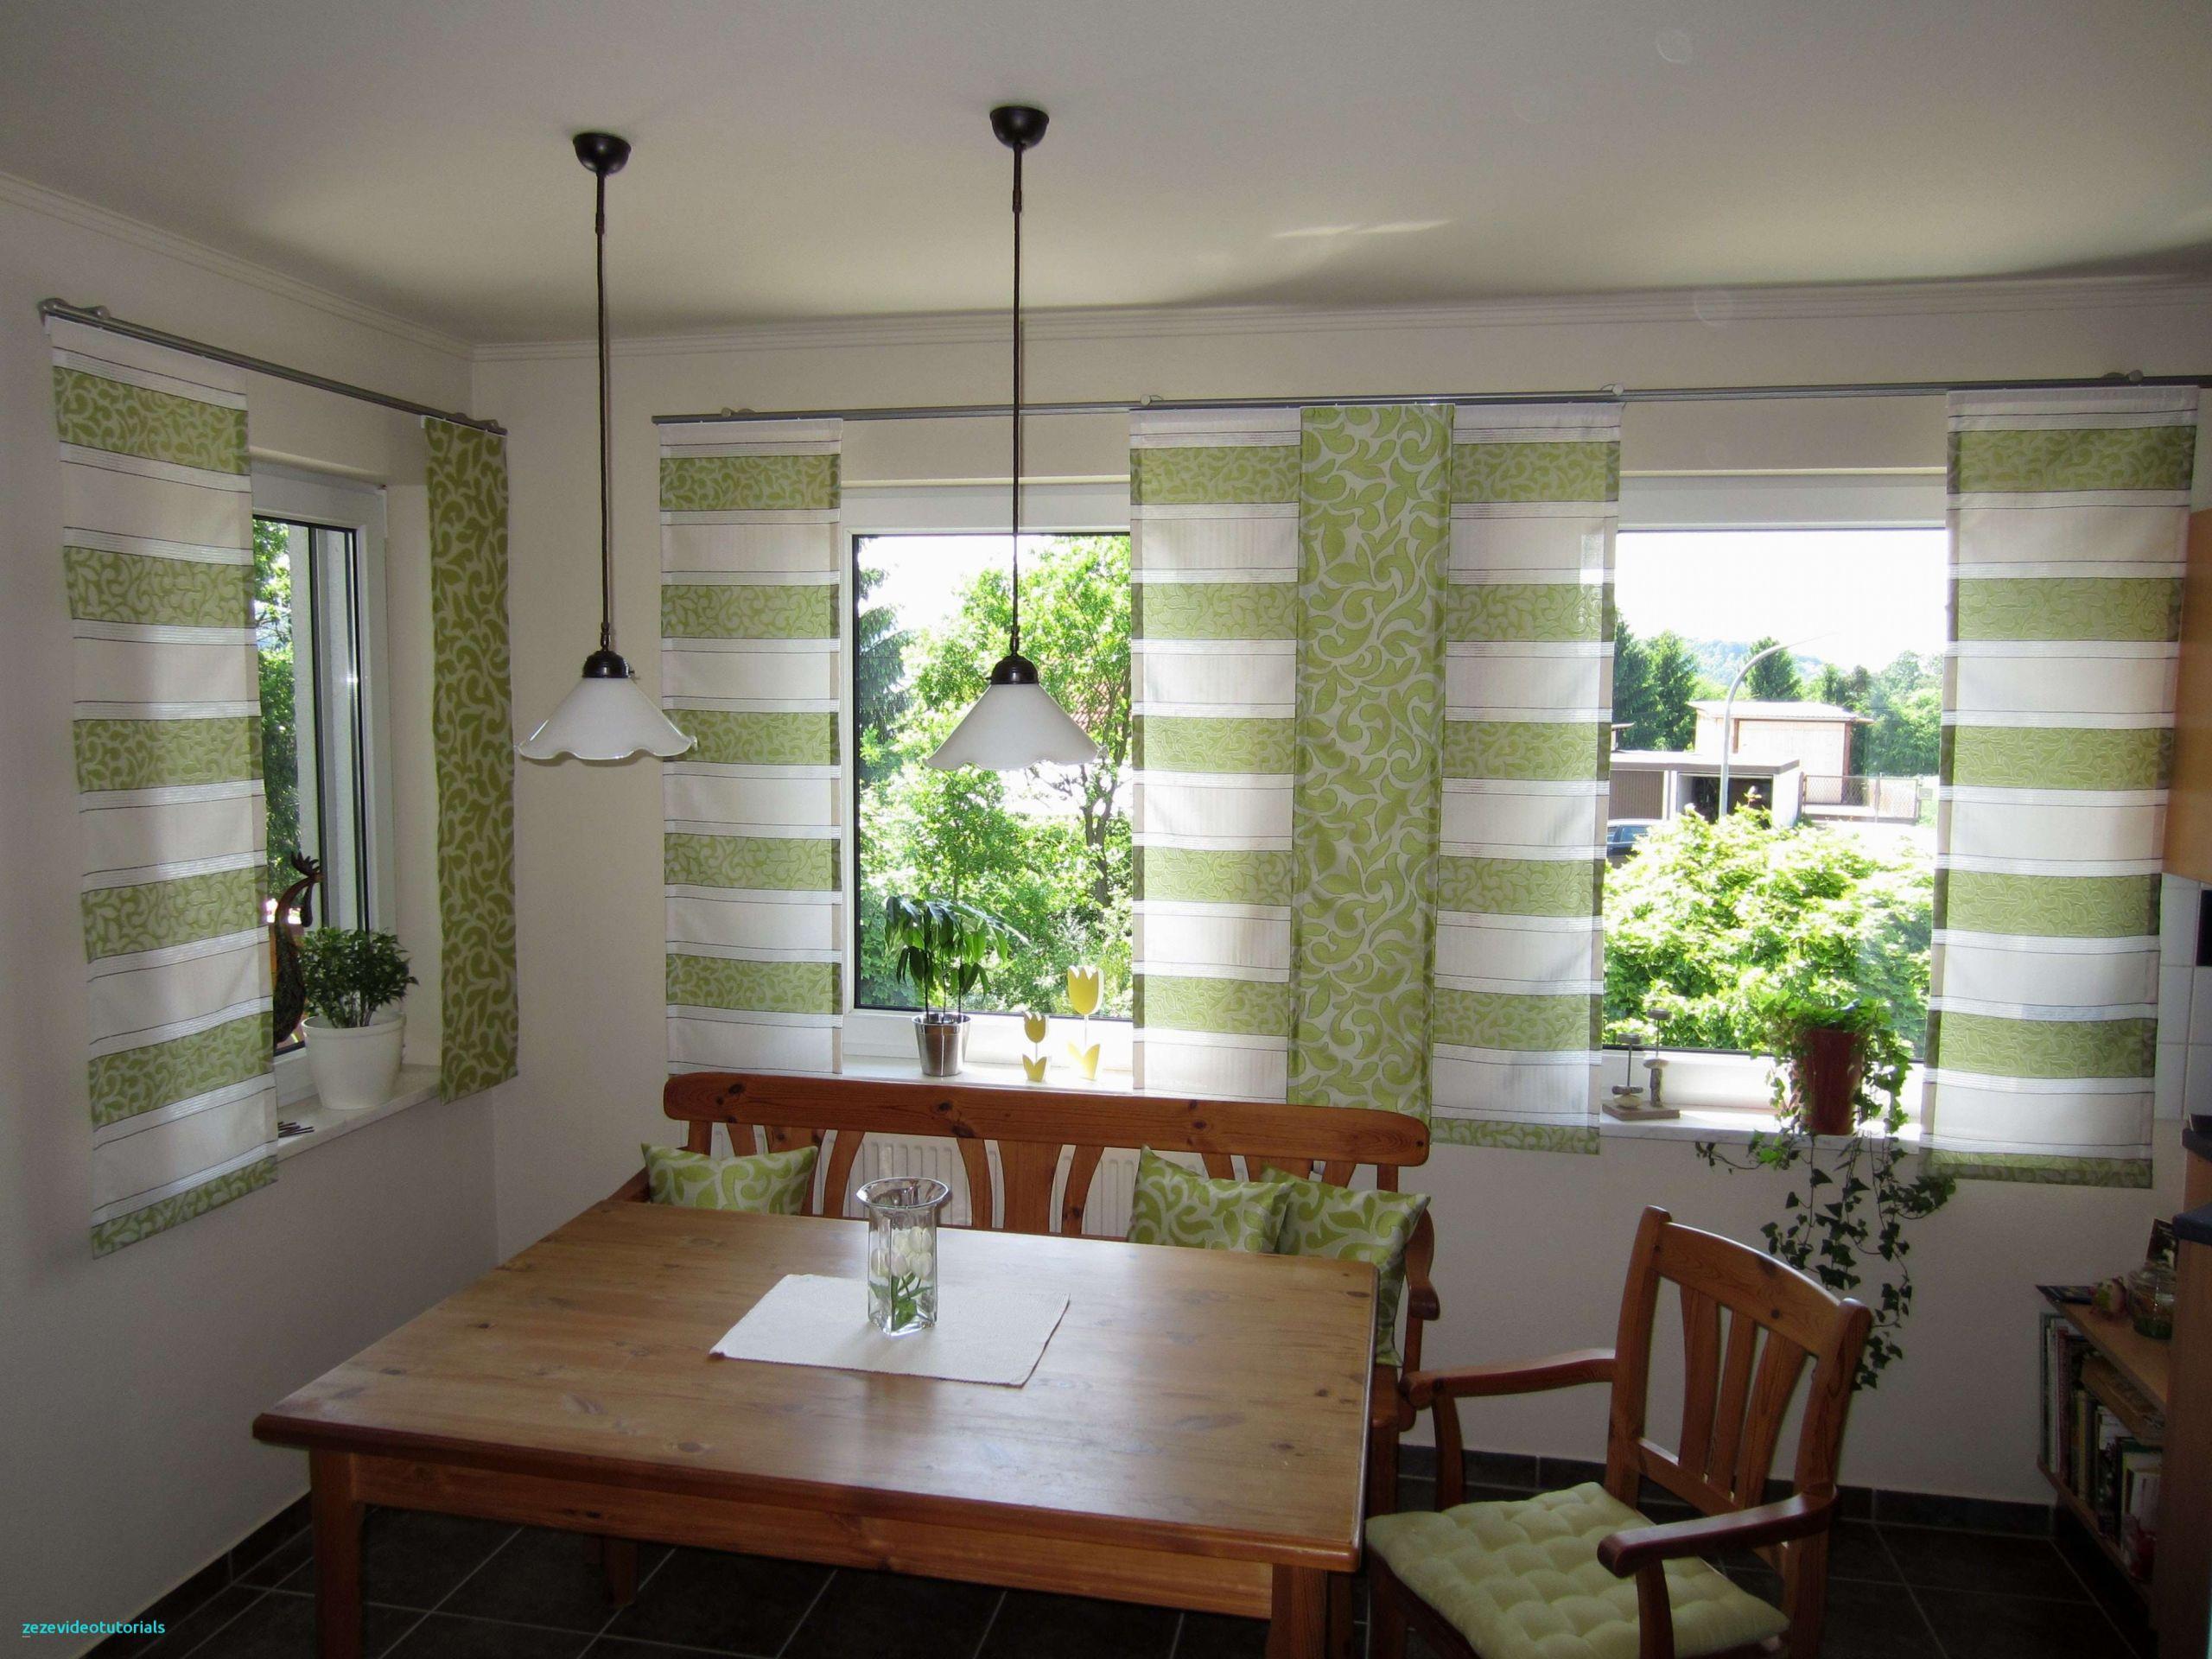 Deko Glaskugeln Für Den Garten Elegant Weihnachtsdeko Ideen Für Aussen — Temobardz Home Blog